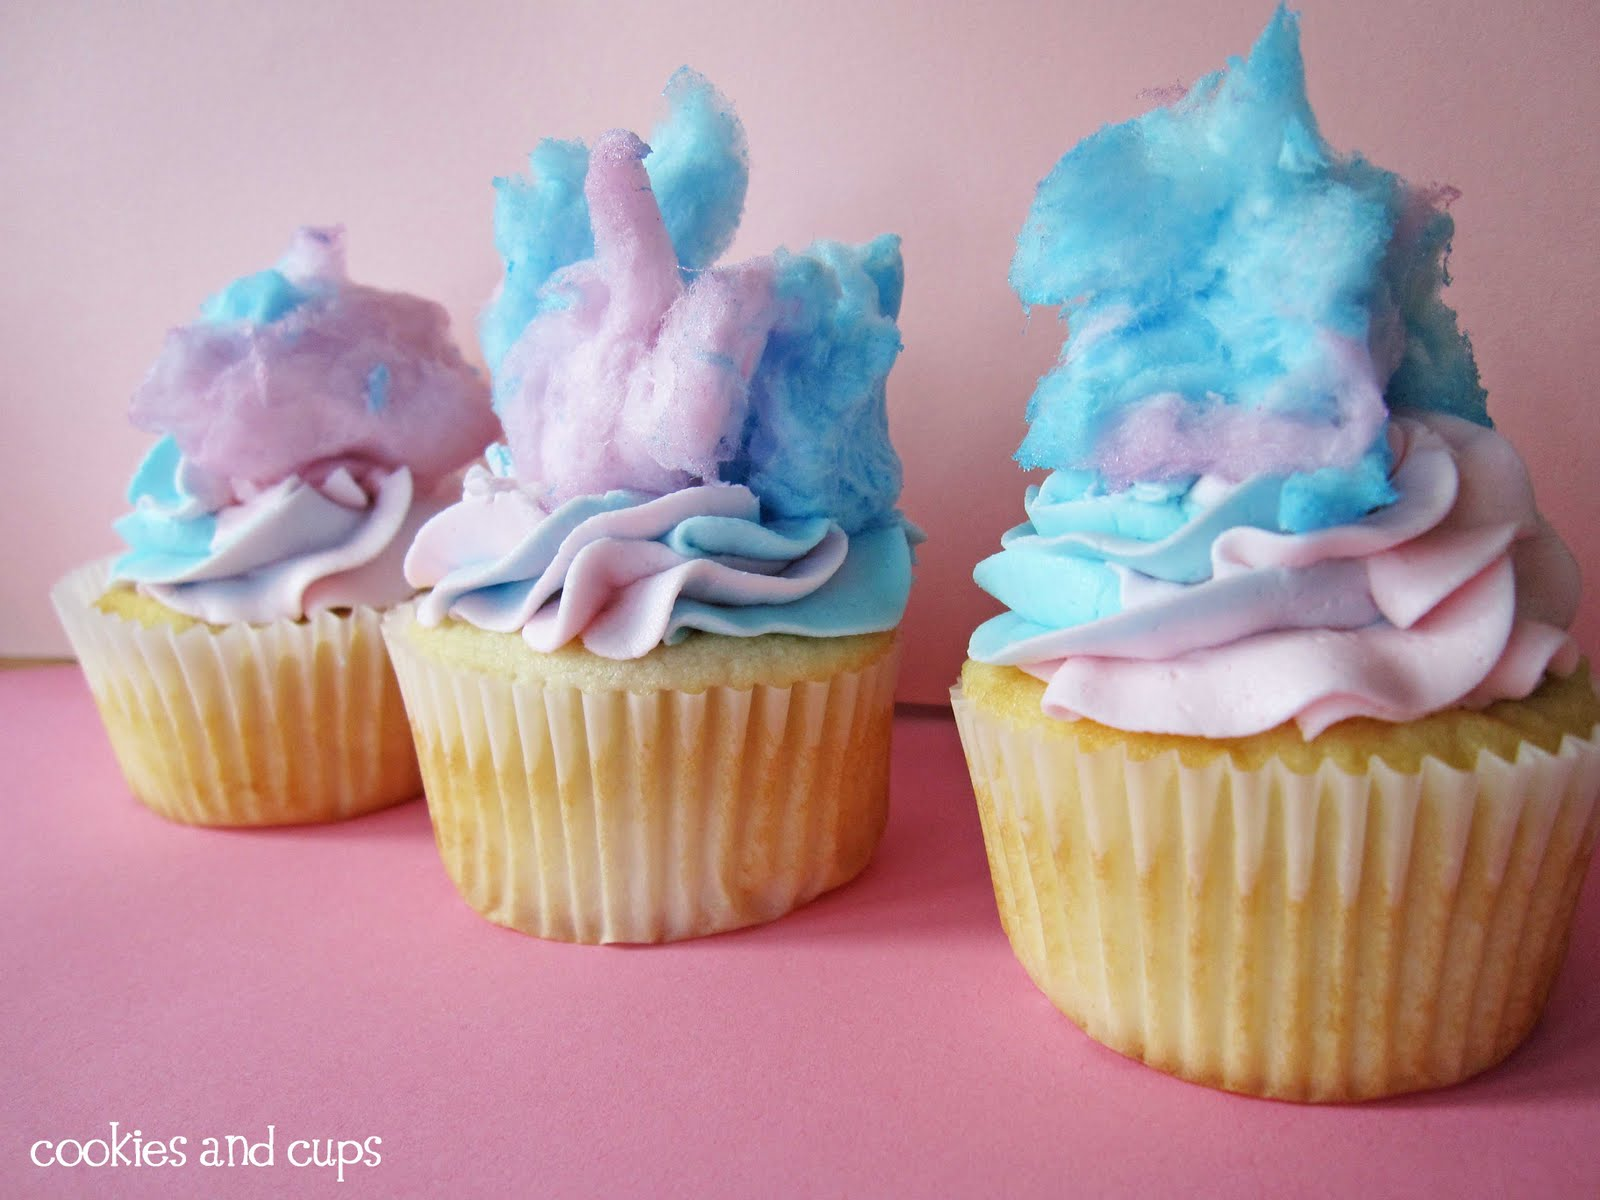 Quinceanera Cakes Cost